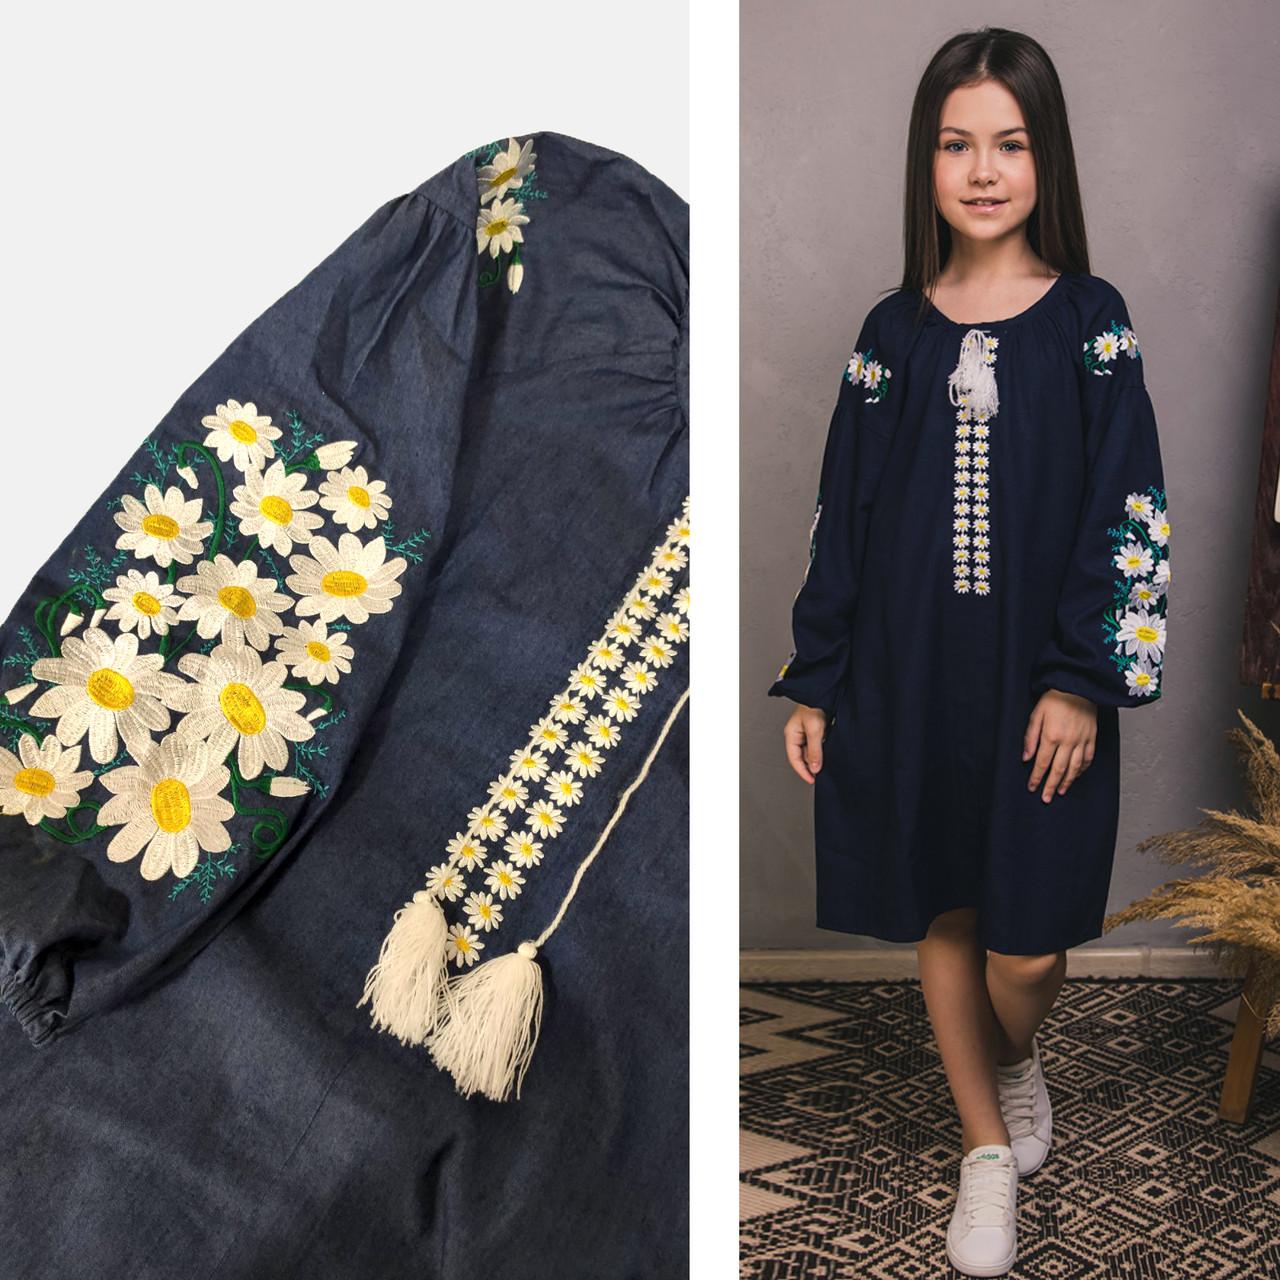 Вышитое платье для девочки Цветочное на джинсе